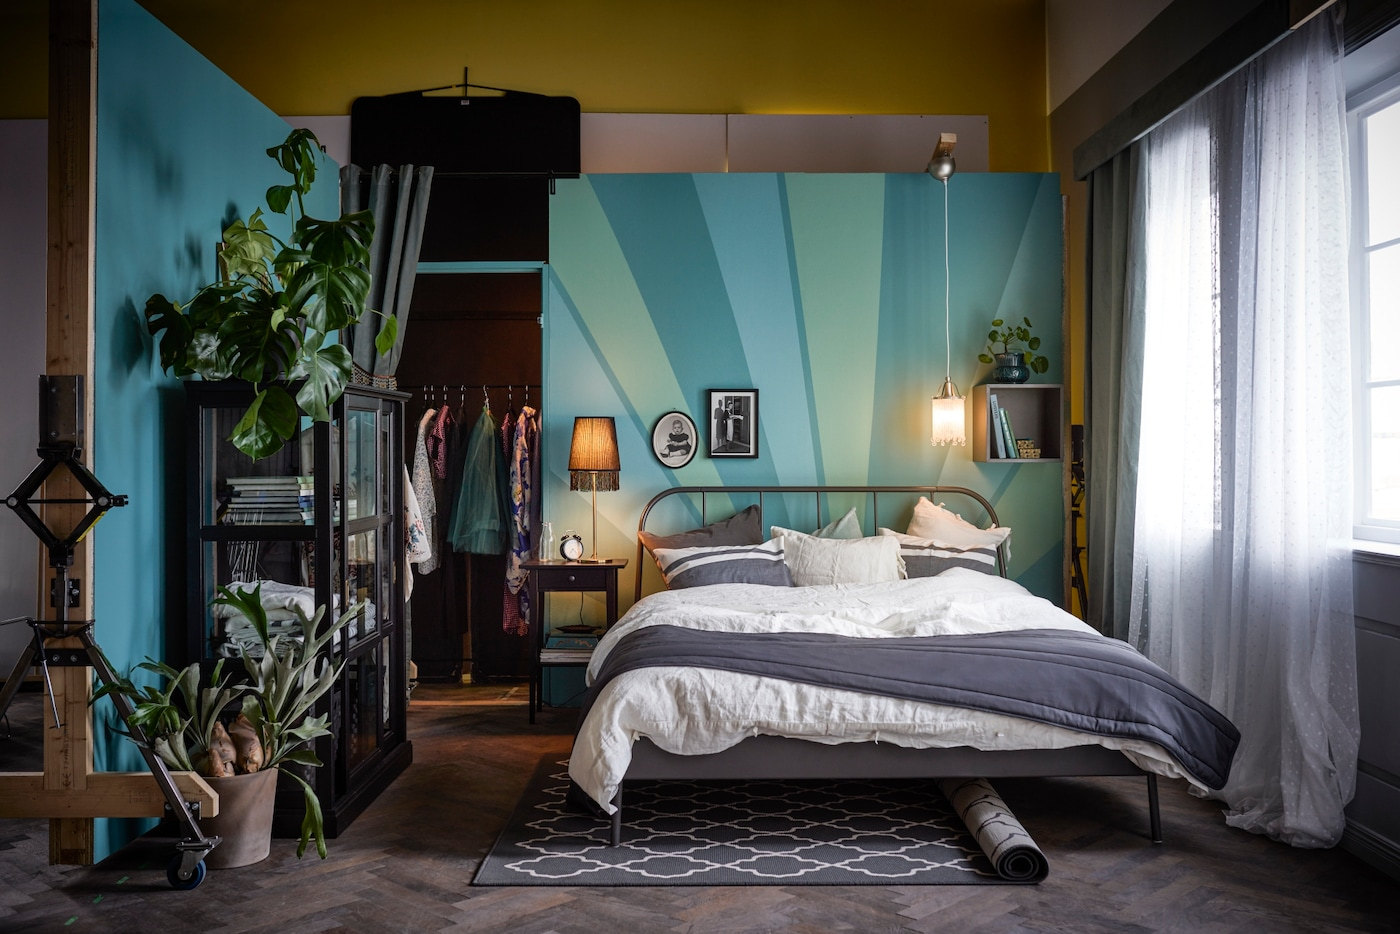 Ein Schlafzimmer mit grau-weißen Accessoires, Textilien & Möbeln, aber türkis-grünen Wänden